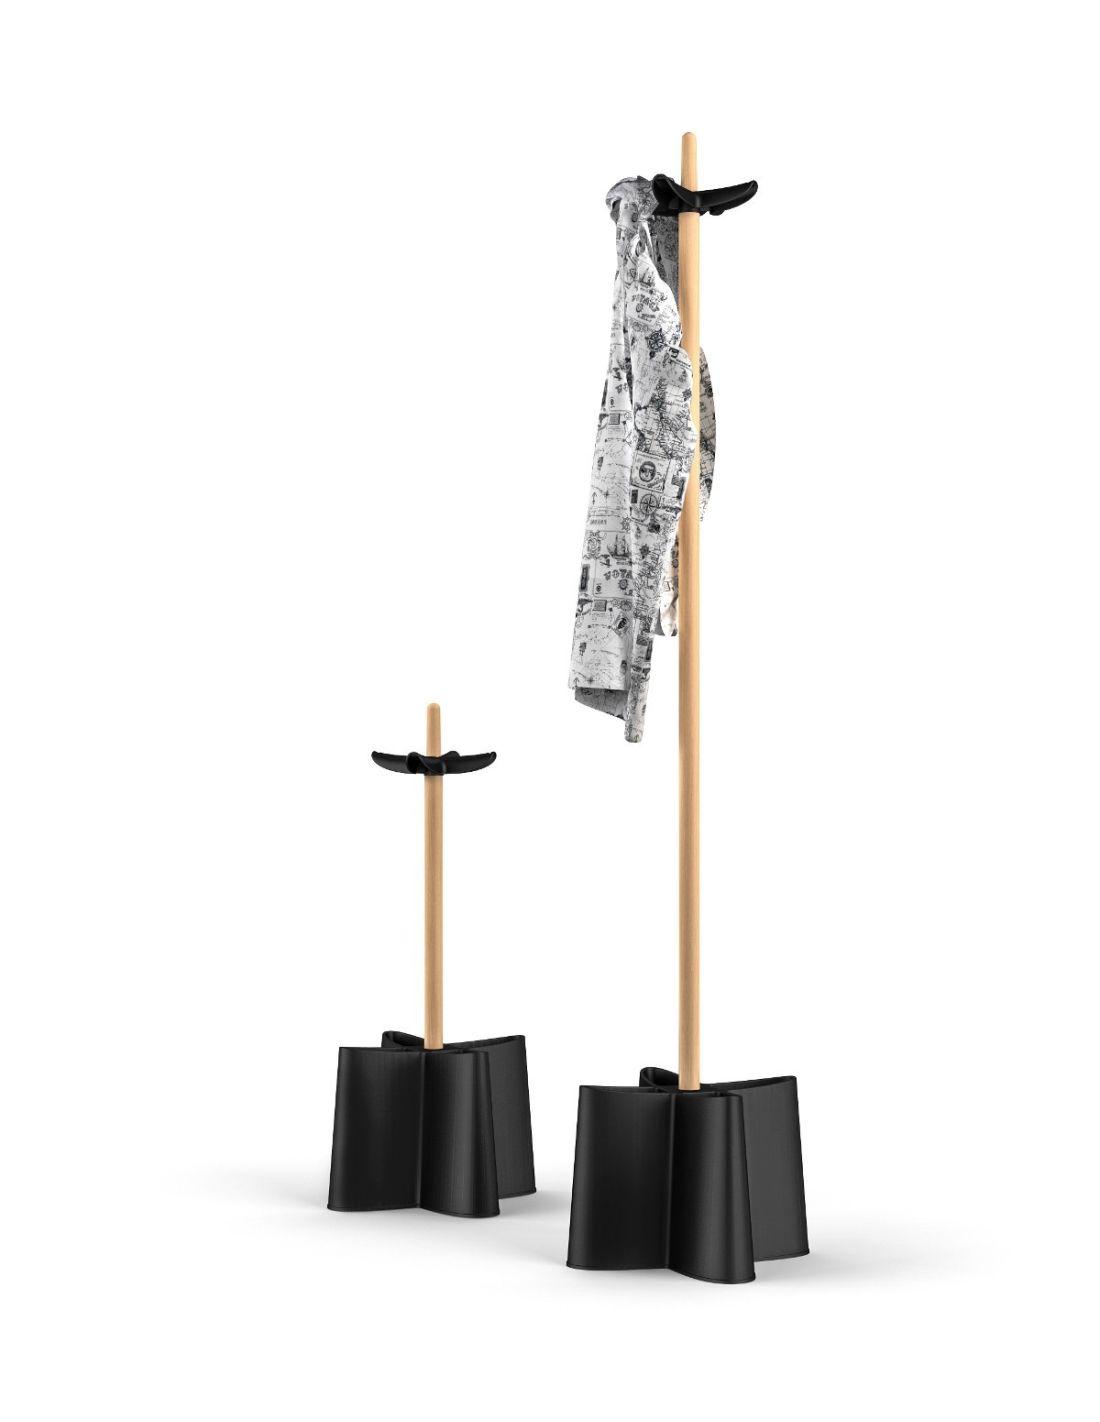 Kuadri portaombrelli design moderno in legno e plastica - Portaombrelli design originale ...